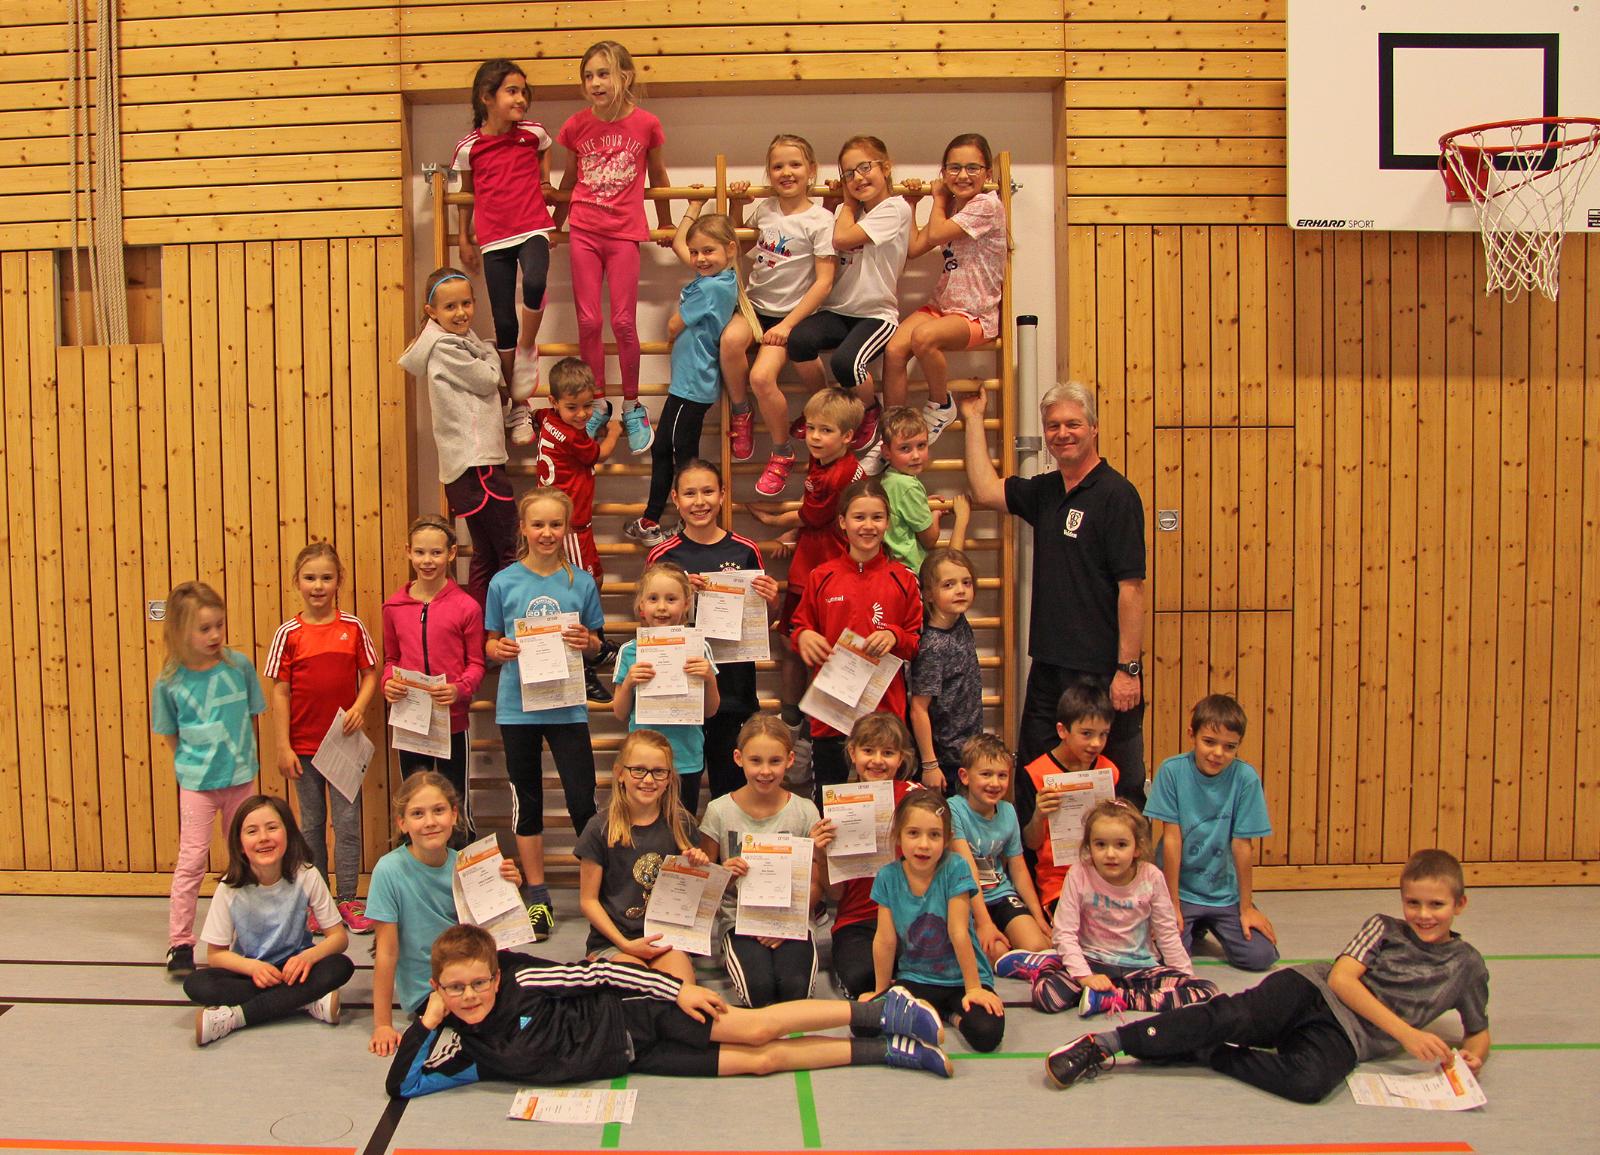 Leichtathletik-Spartenleiter Herbert Rauchbart mit den erfolgreichen Nachwuchssportlern bei der Übergabe der Sportabzeichen.